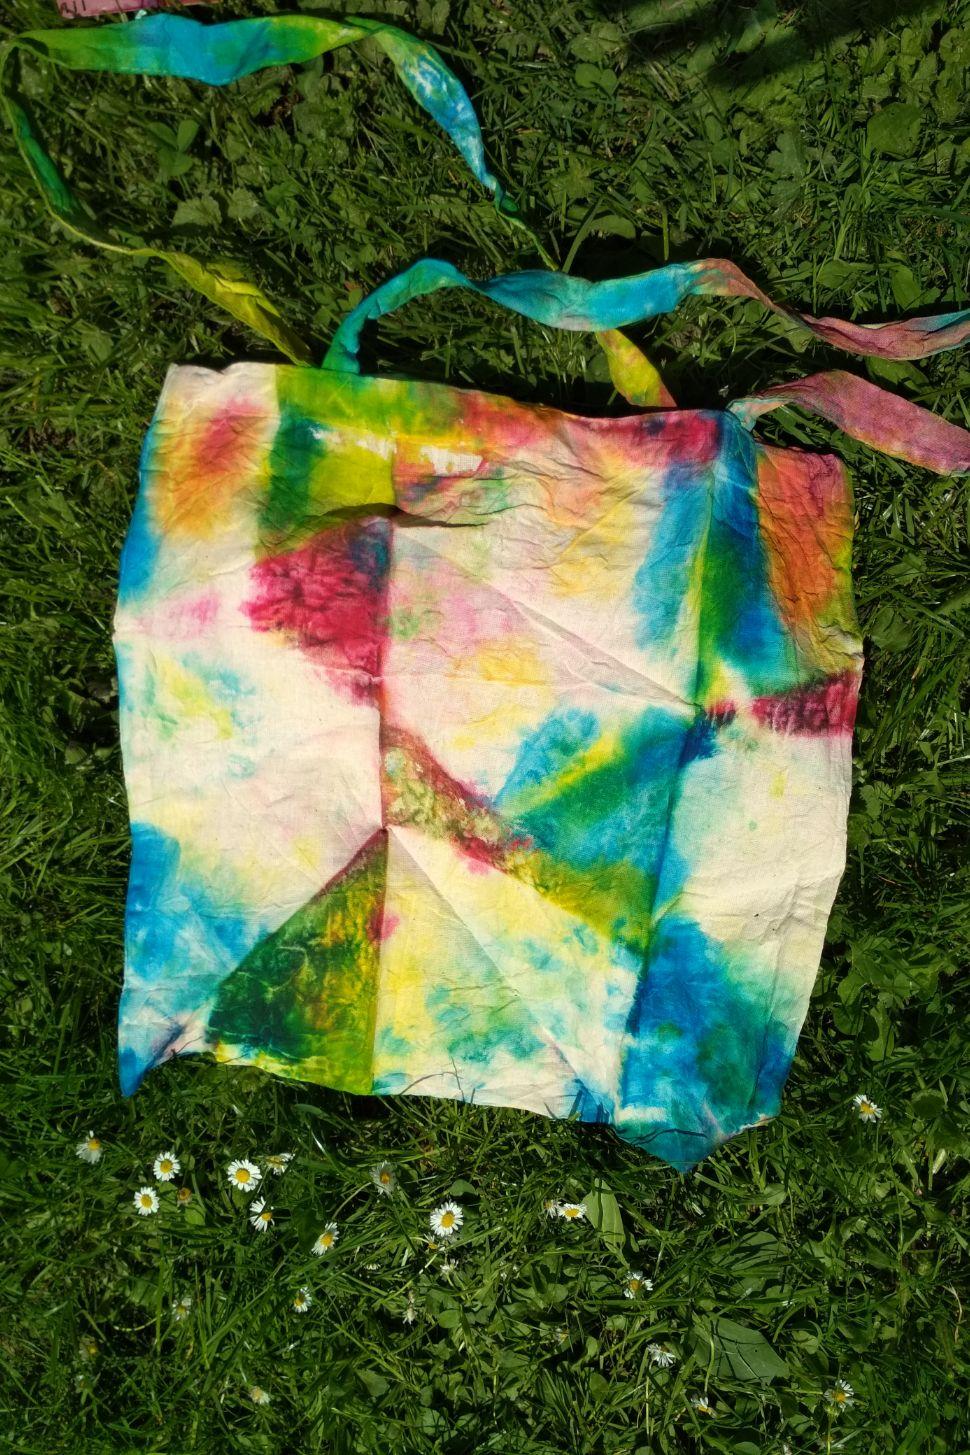 online workshop taška batika barevná malování na textil webinář 5 výtvarných technik a 10 tipů jak malovat nejen na triko s lektorkou arteterapie radkou rubešovou